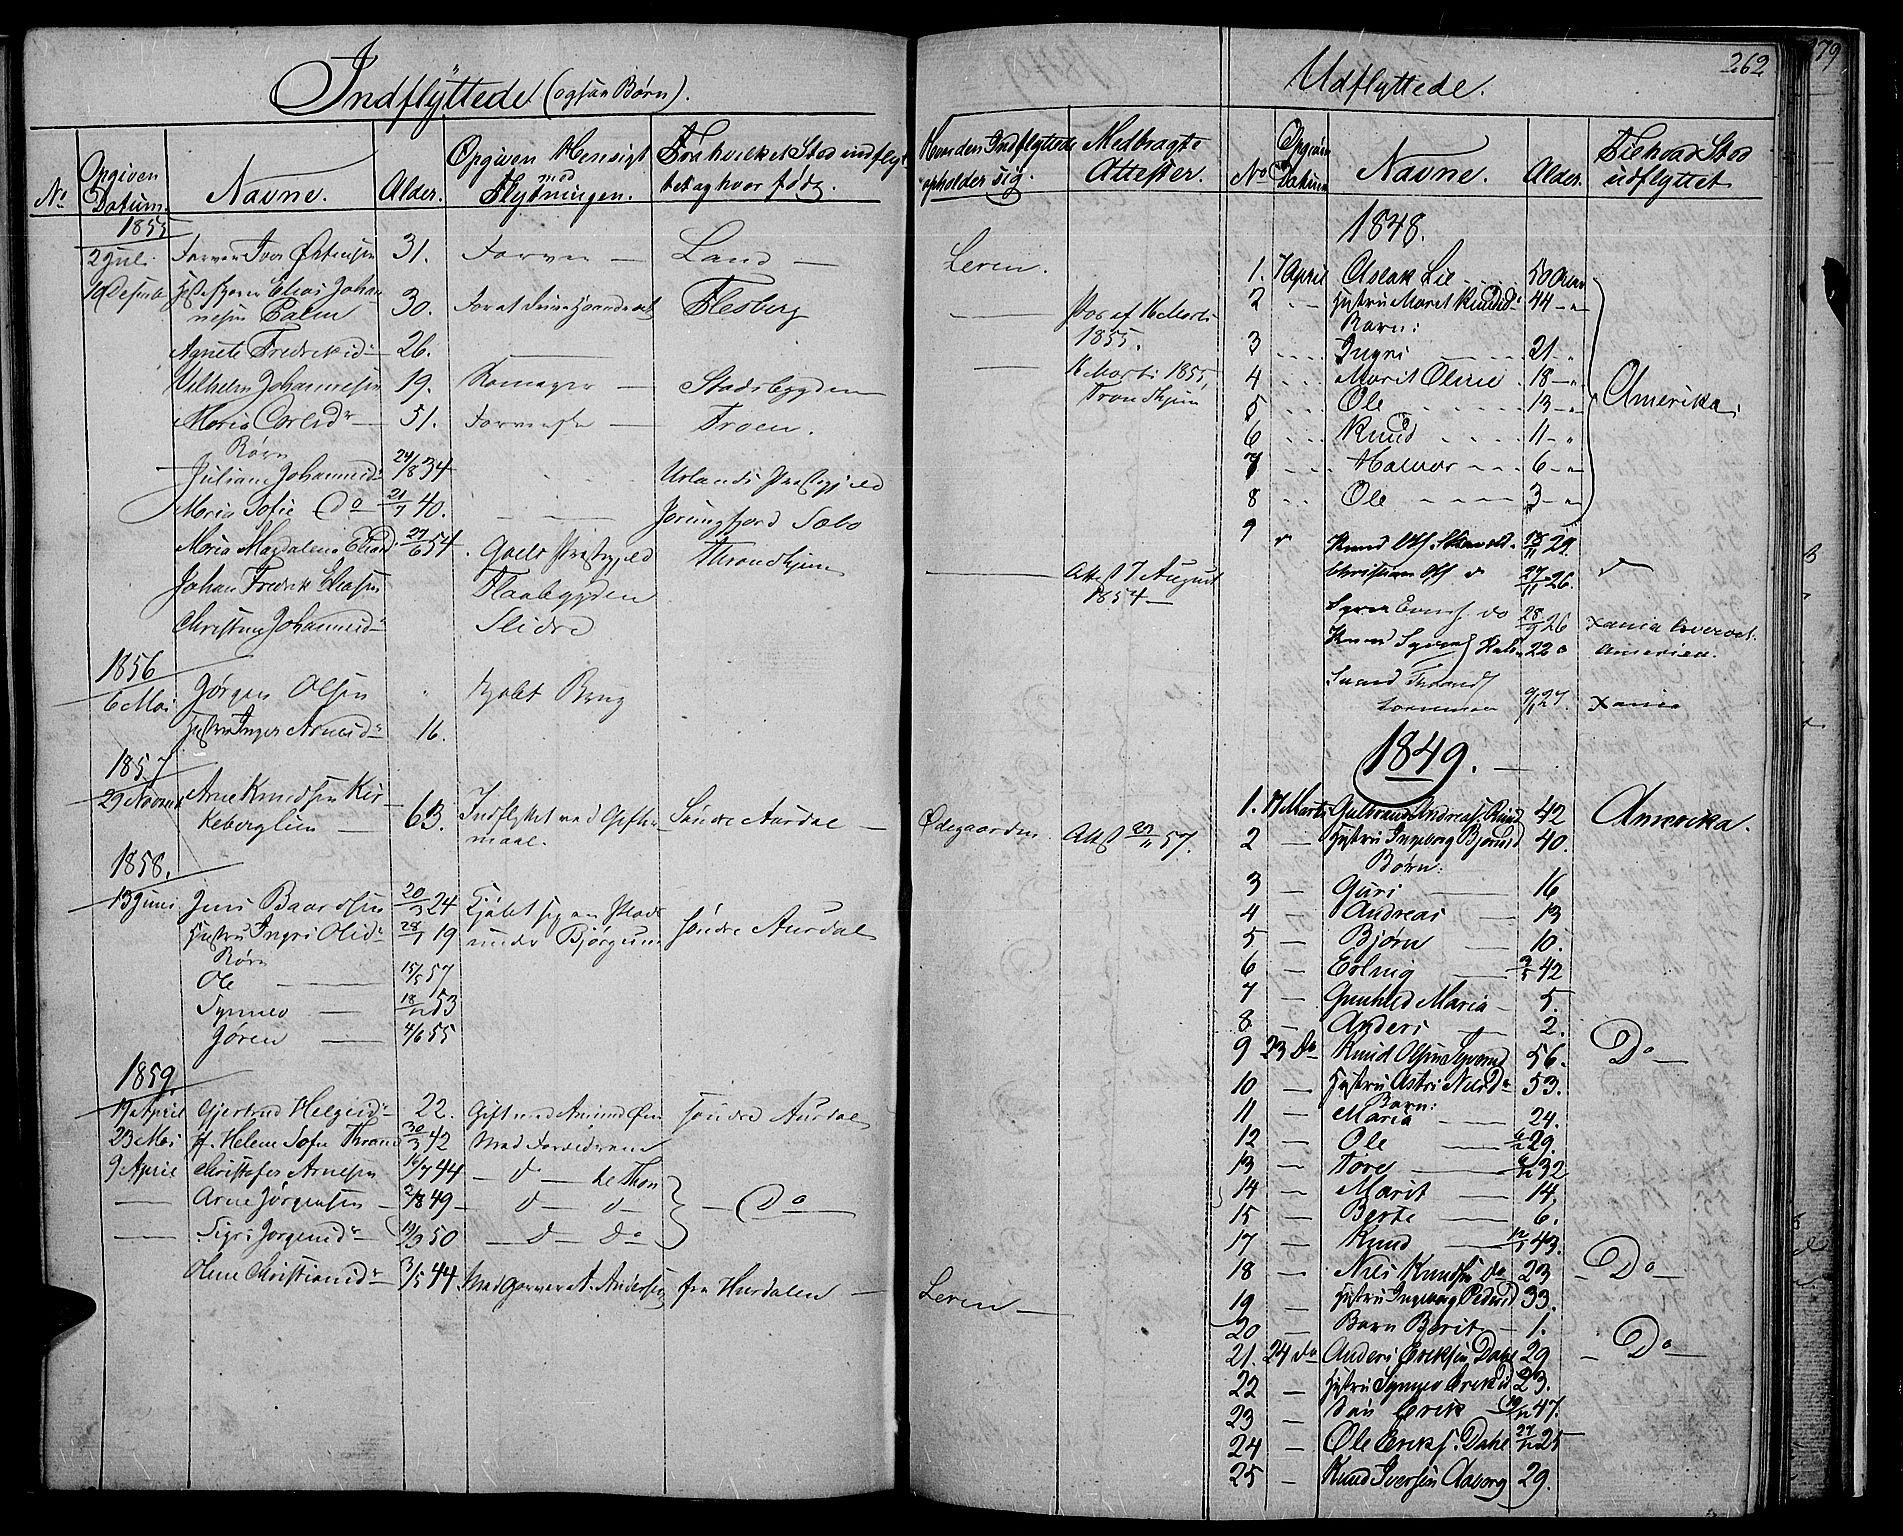 SAH, Nord-Aurdal prestekontor, Klokkerbok nr. 2, 1842-1877, s. 262